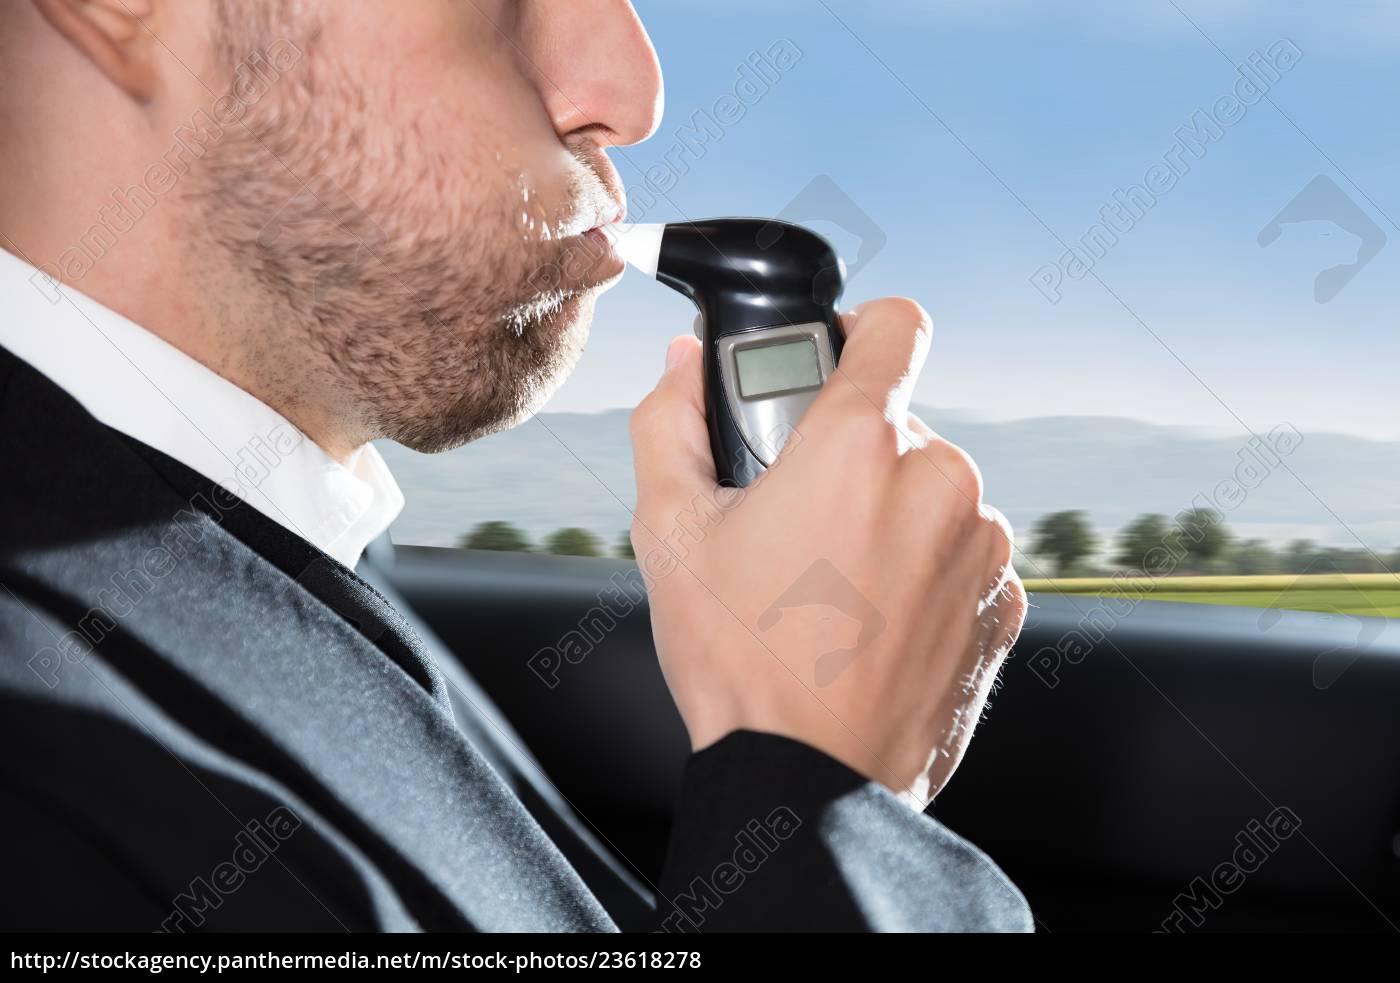 man, taking, alcohol, test - 23618278